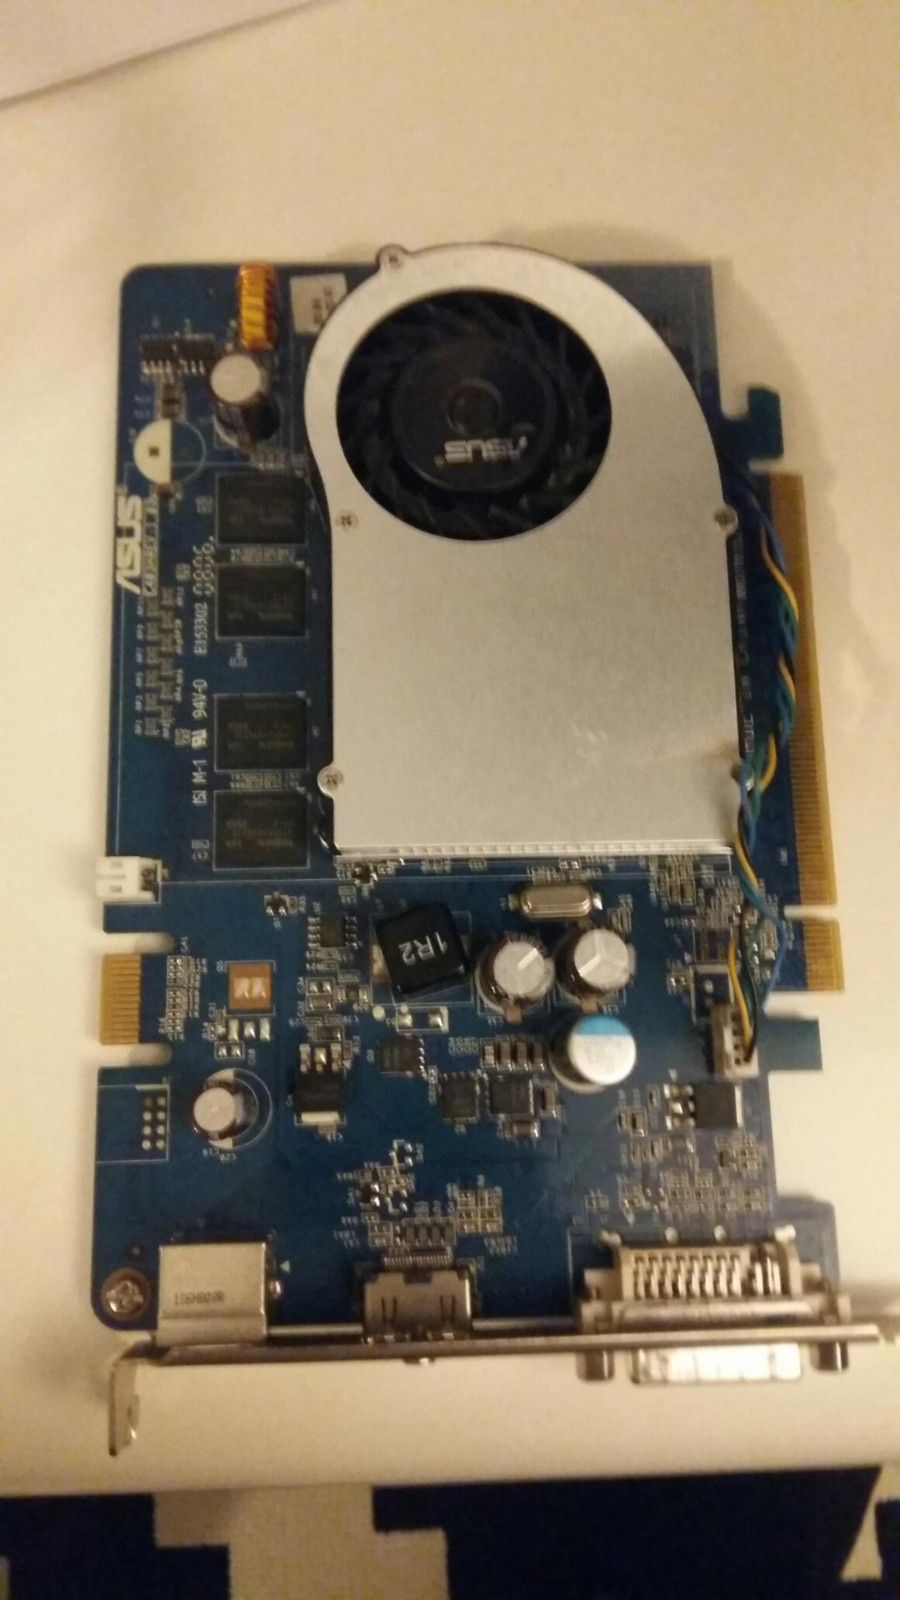 Skjermkort ASUS NVIDIA GEFORCE 8600 GT 512mb - Oslo  - Selges da jeg har oppgradert. Kan hentes sentralt i Oslo eller sendes mot betaling. Info fås her:  http://www.ascendtech.us/hp-m9250f-nvidia-geforce-8600-gt-512mb_i_vc512hp51887647.aspx - Oslo